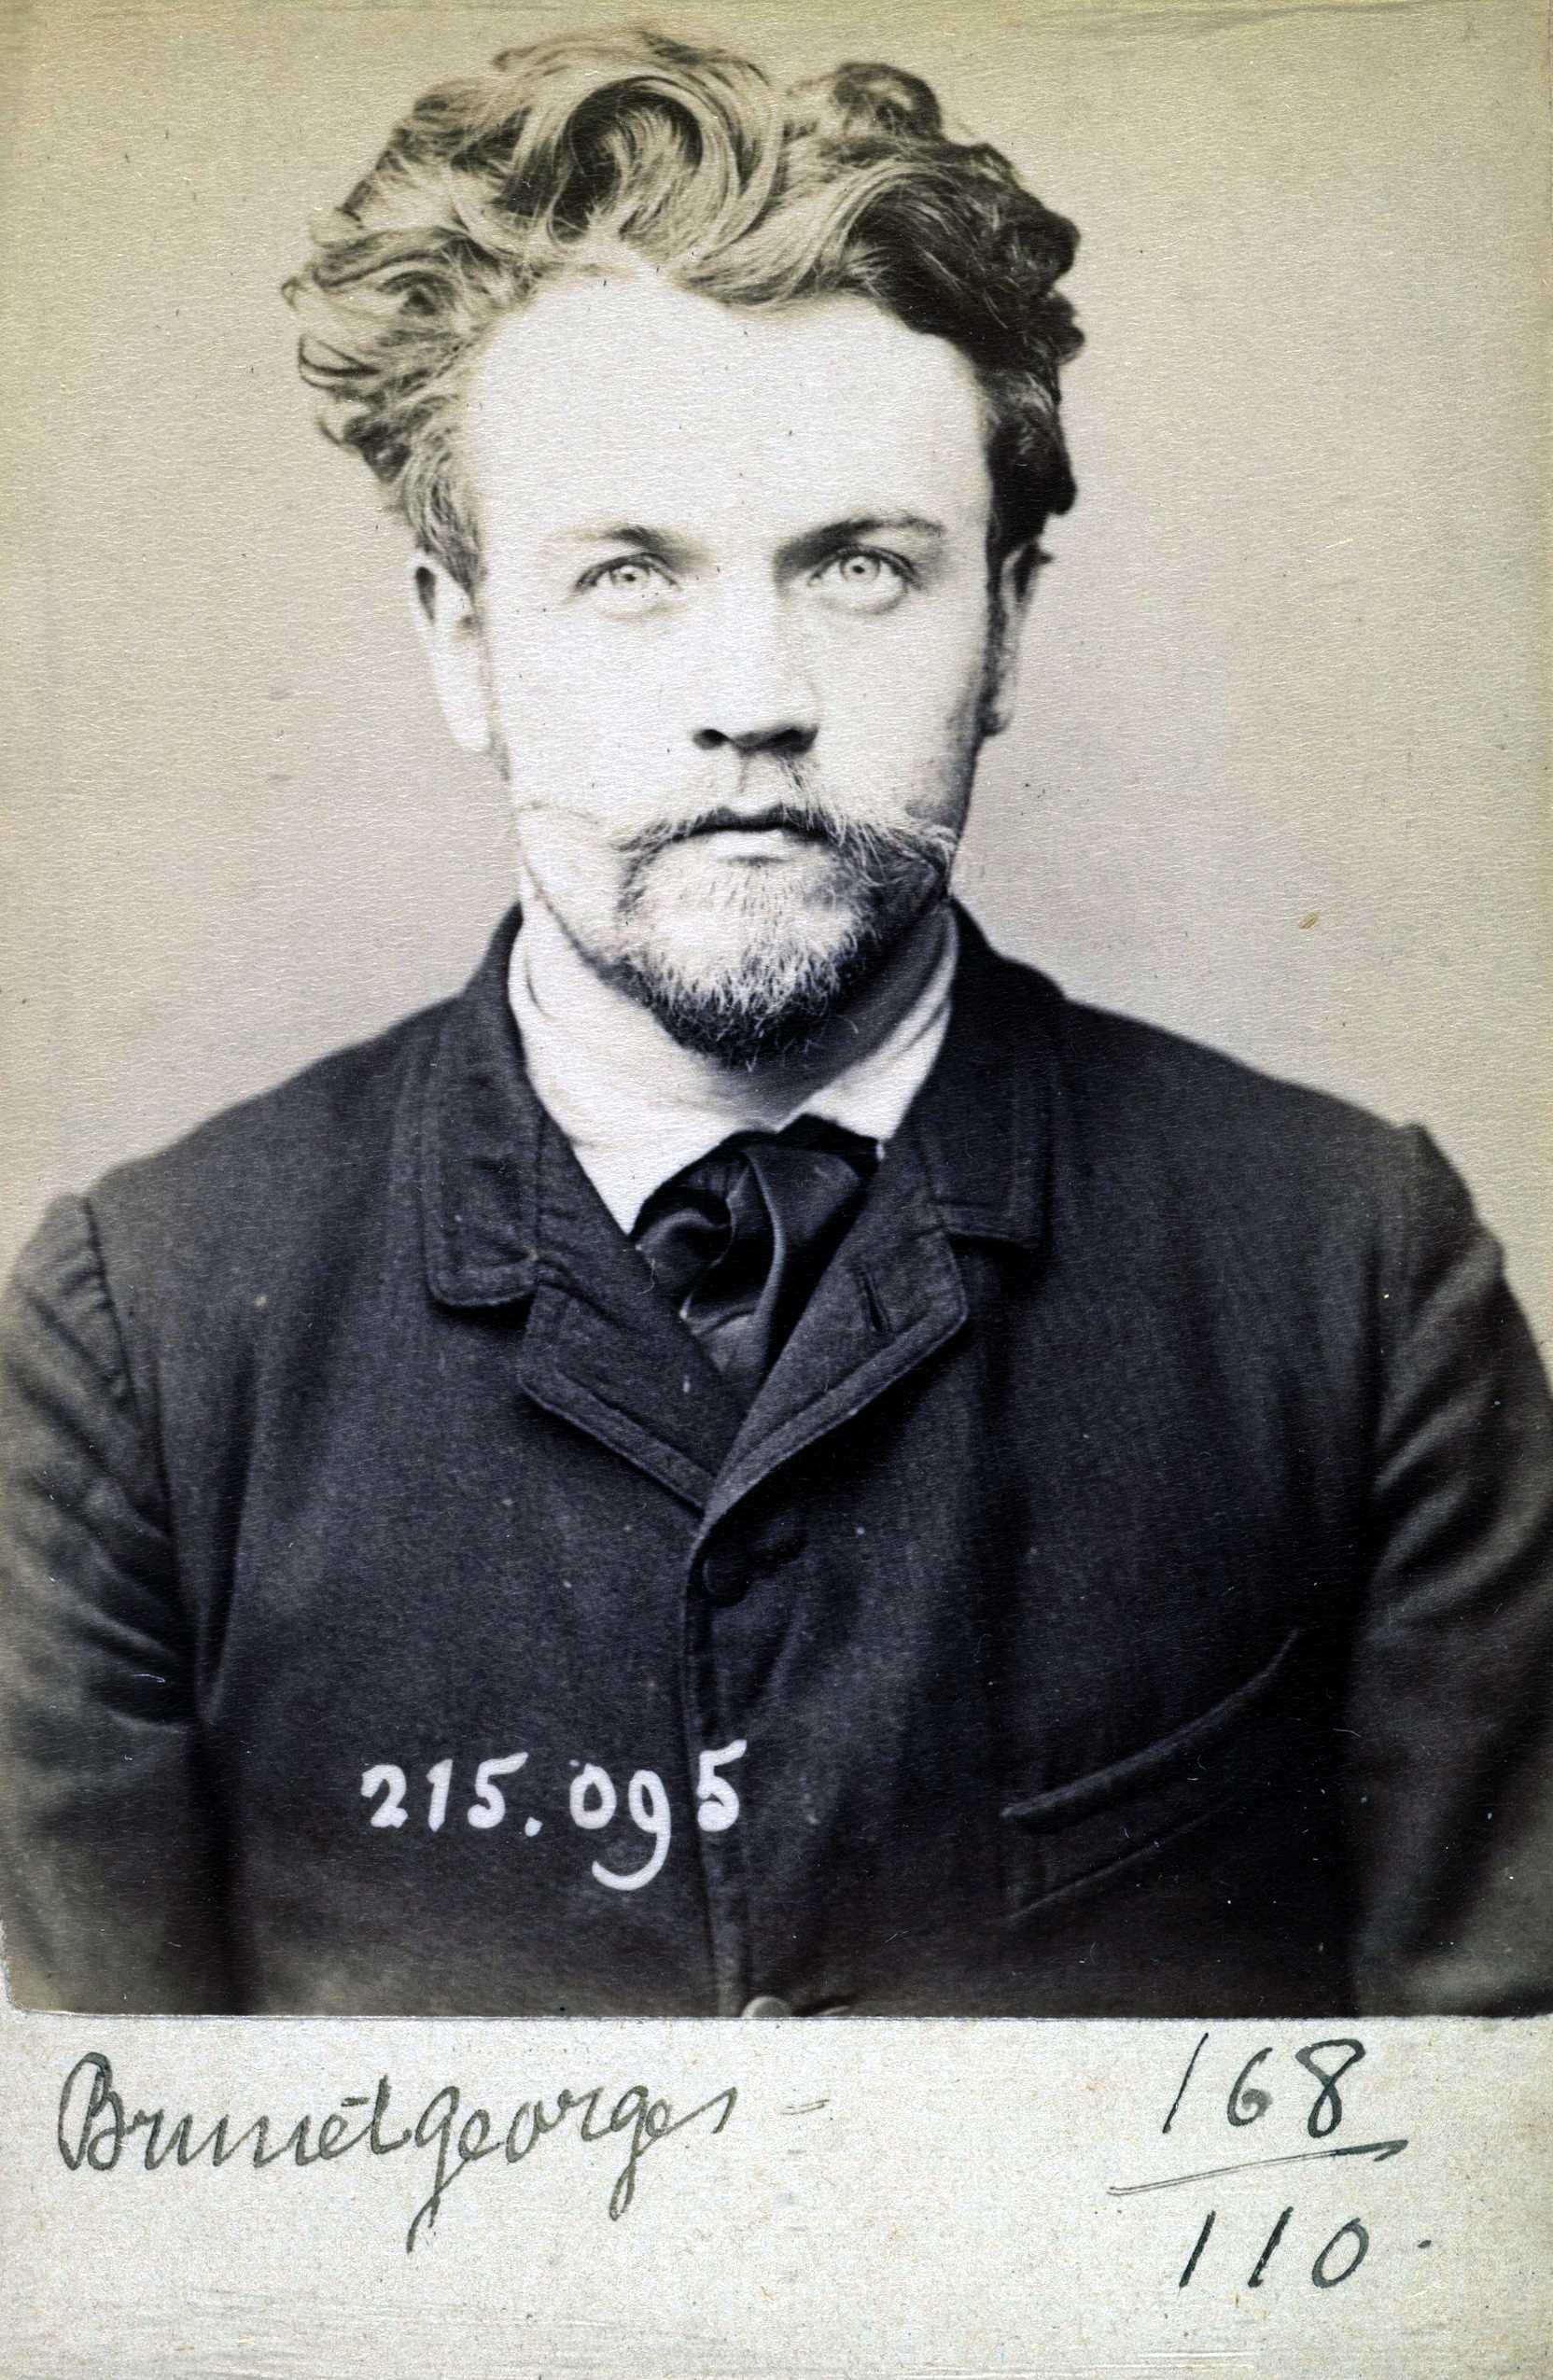 Foto policíaca de Georges Brunet (4 de febrer de 1894)